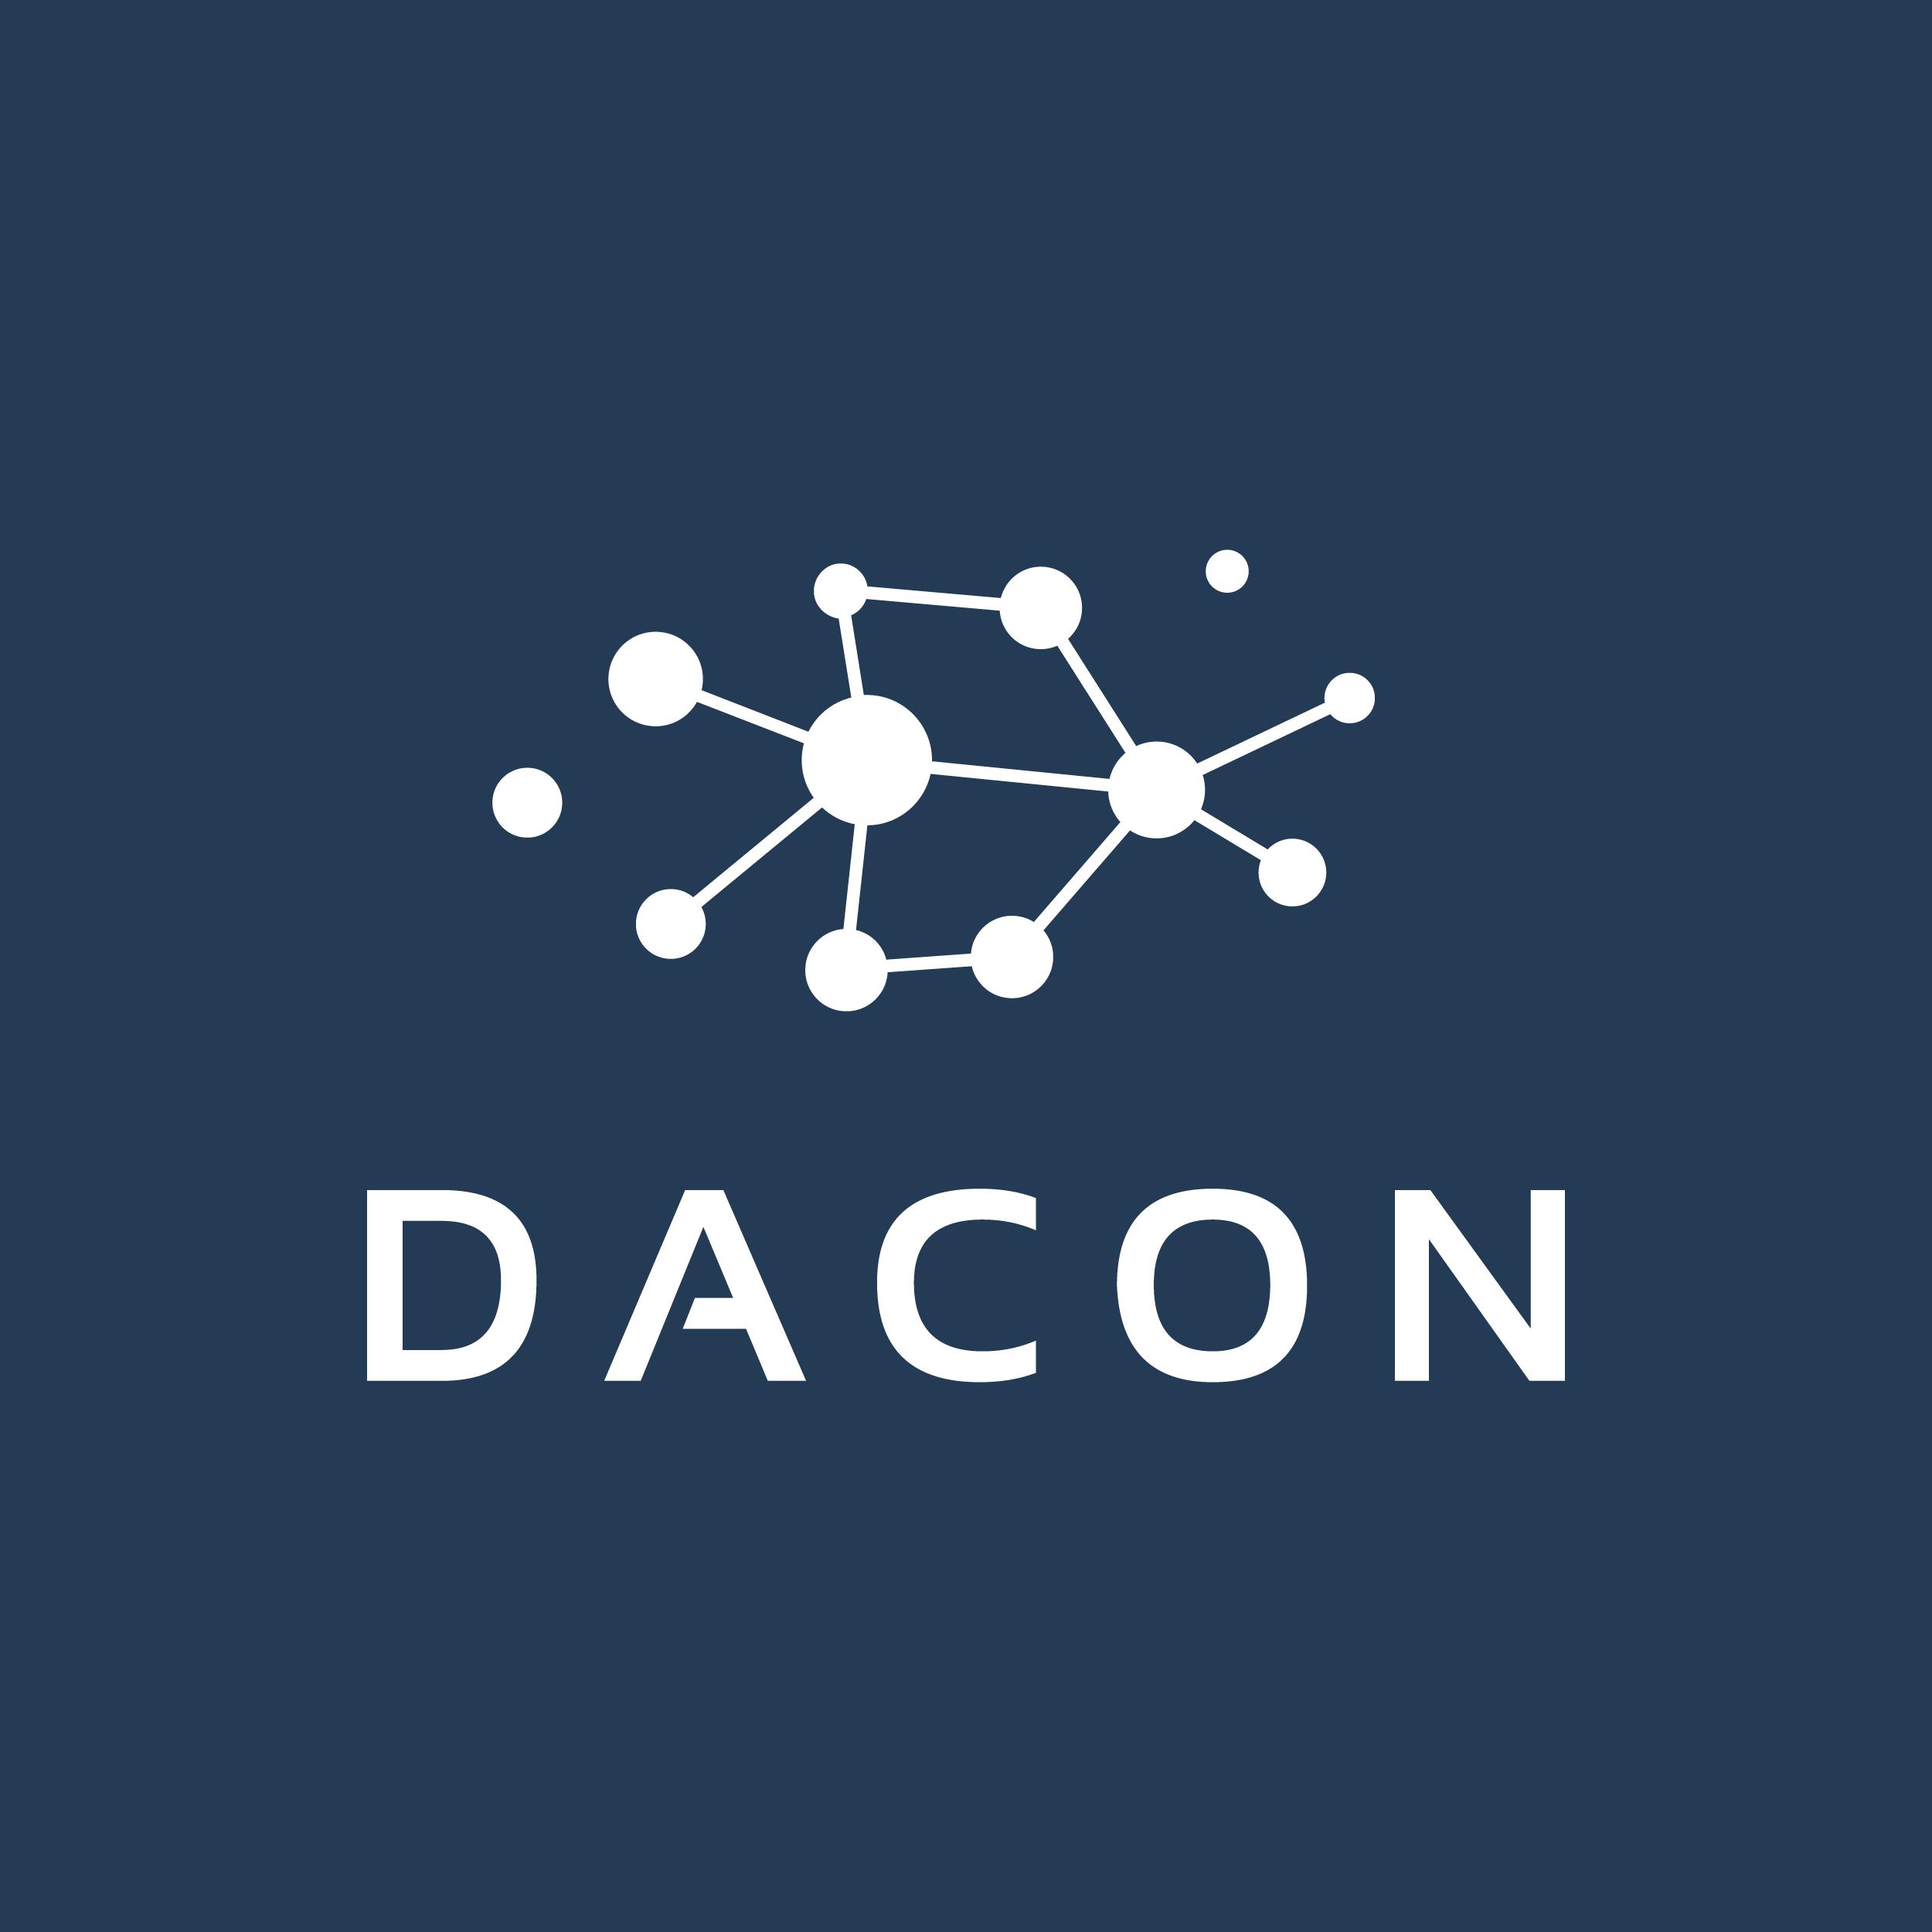 DACON_kn